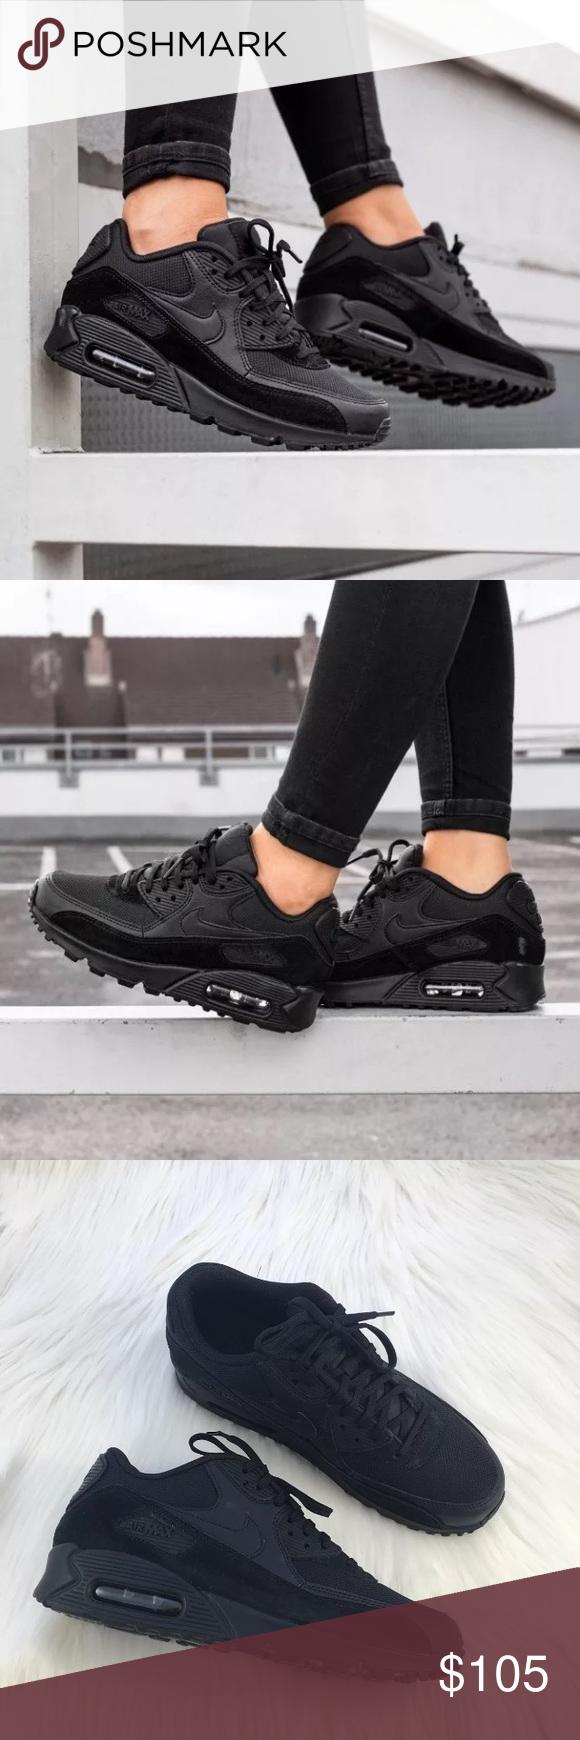 Women's Nike Air Max 90 Black Sneakers   Nike air max 90 ...